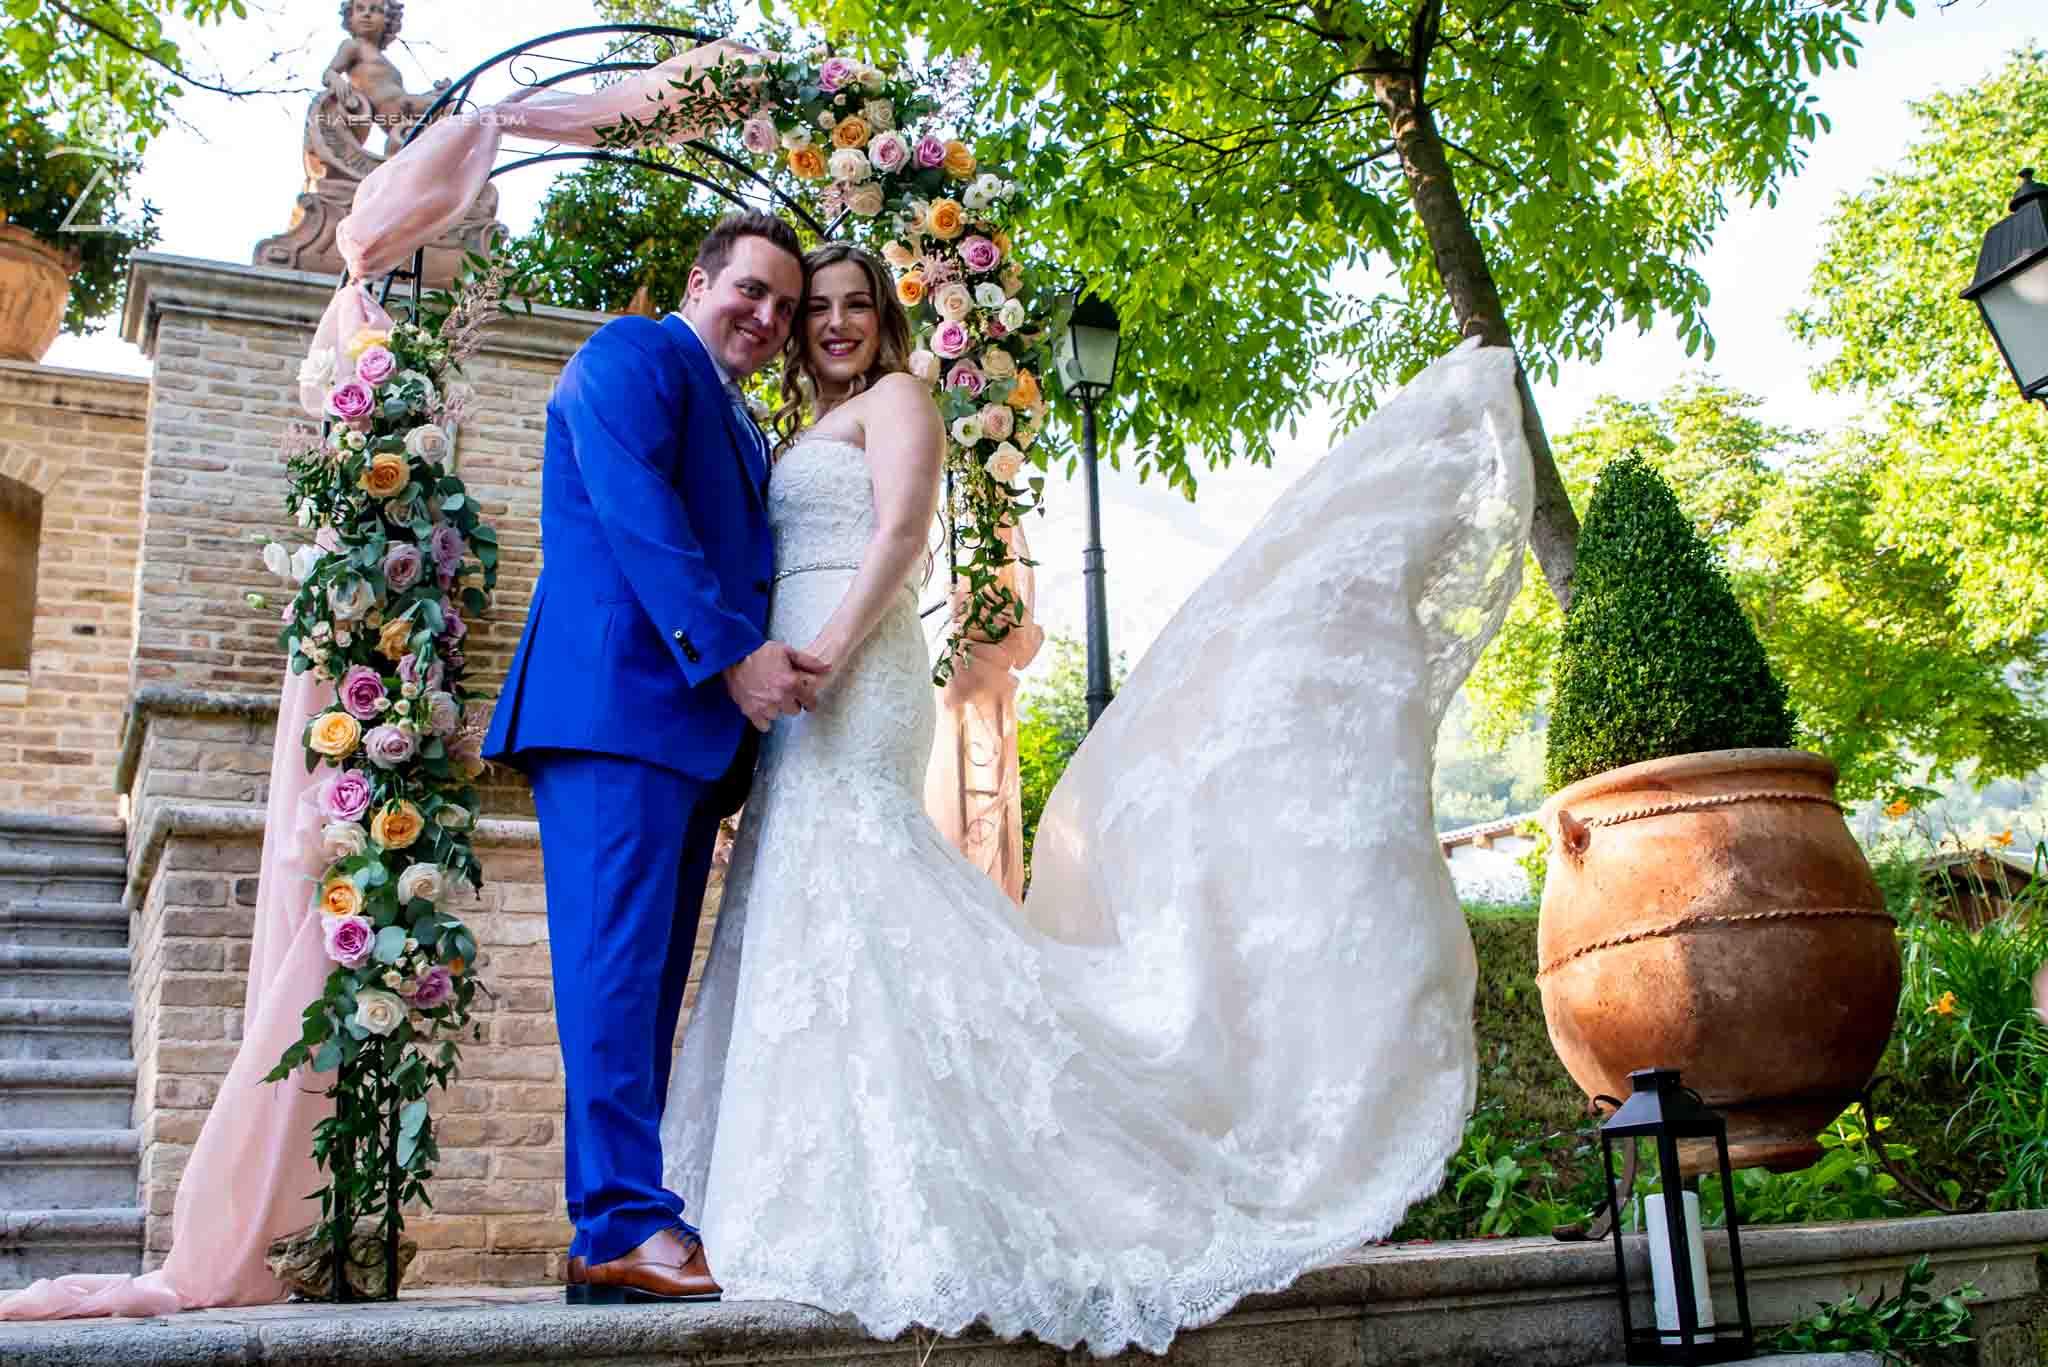 Fotografo di matrimonio a Napoli ed Avezzano